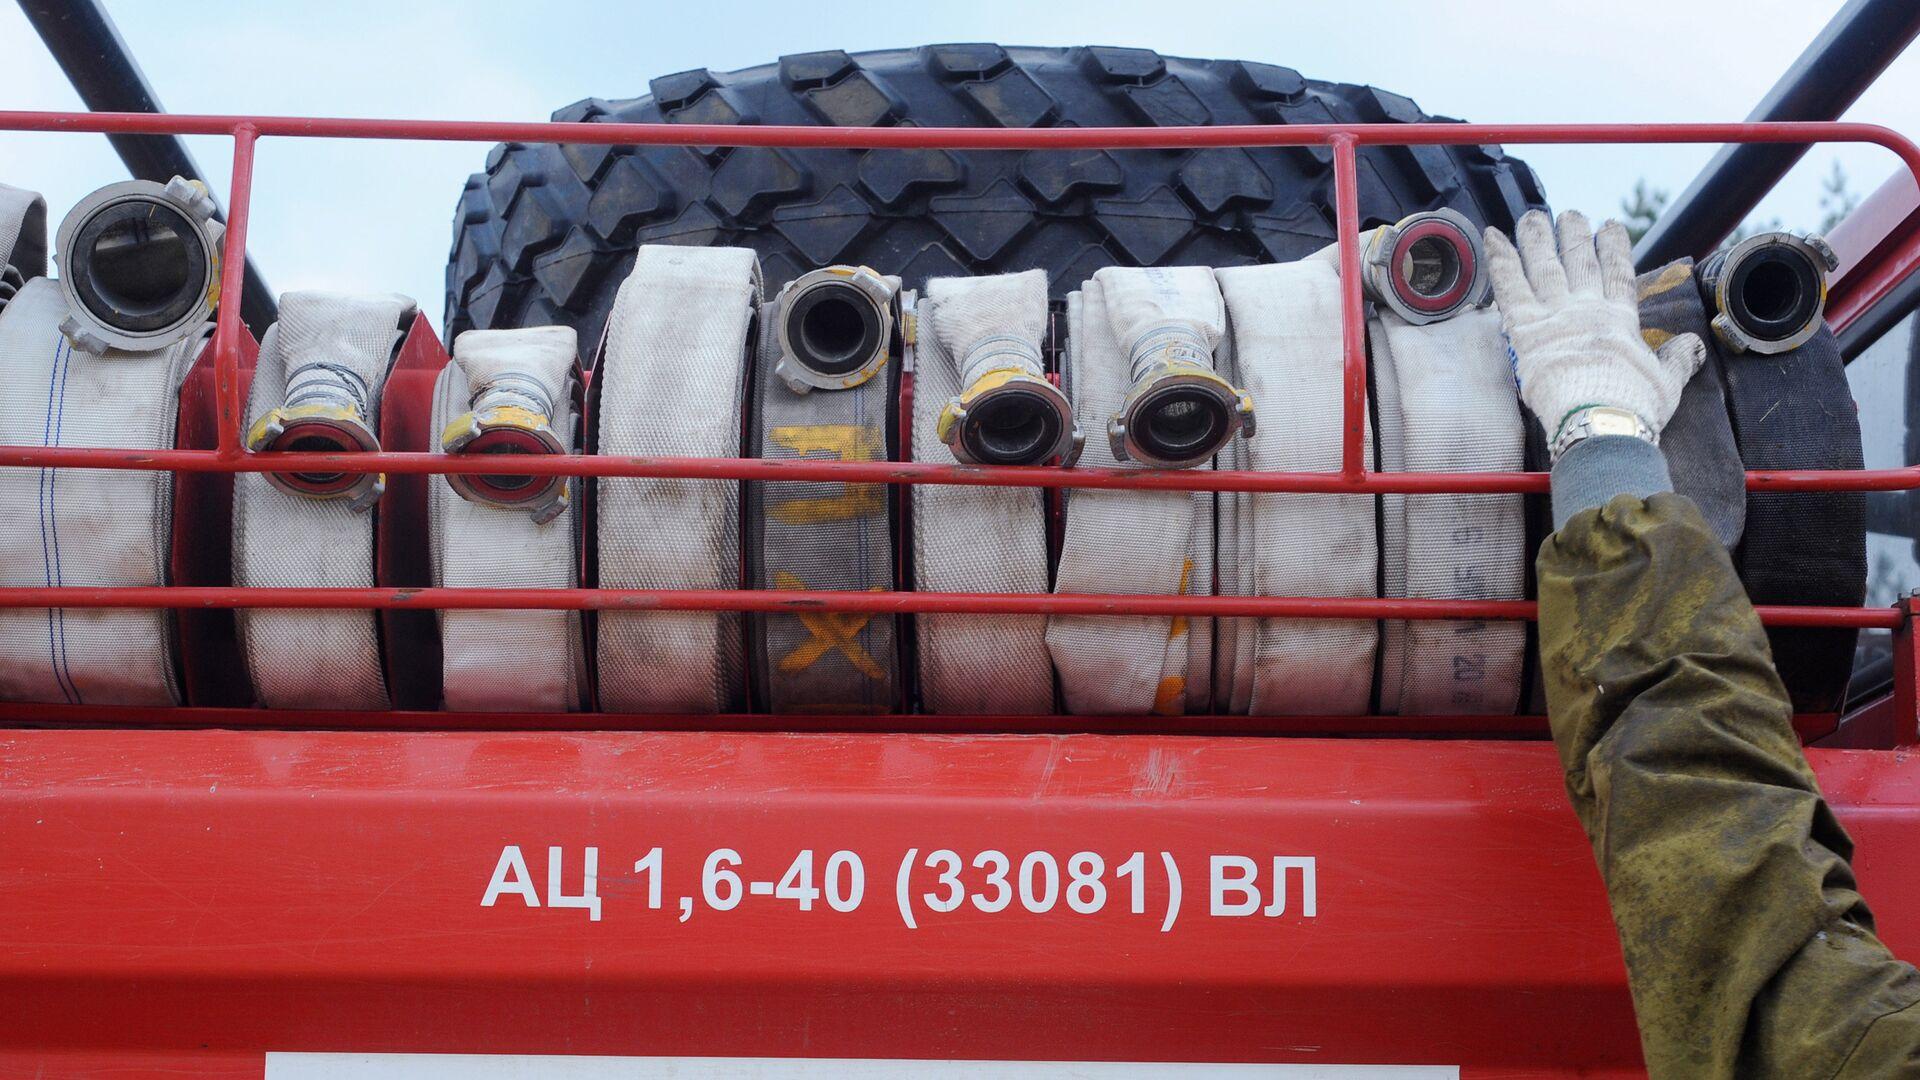 Пожарные рукава, установленные на пожарной машине МЧС России - РИА Новости, 1920, 04.11.2020